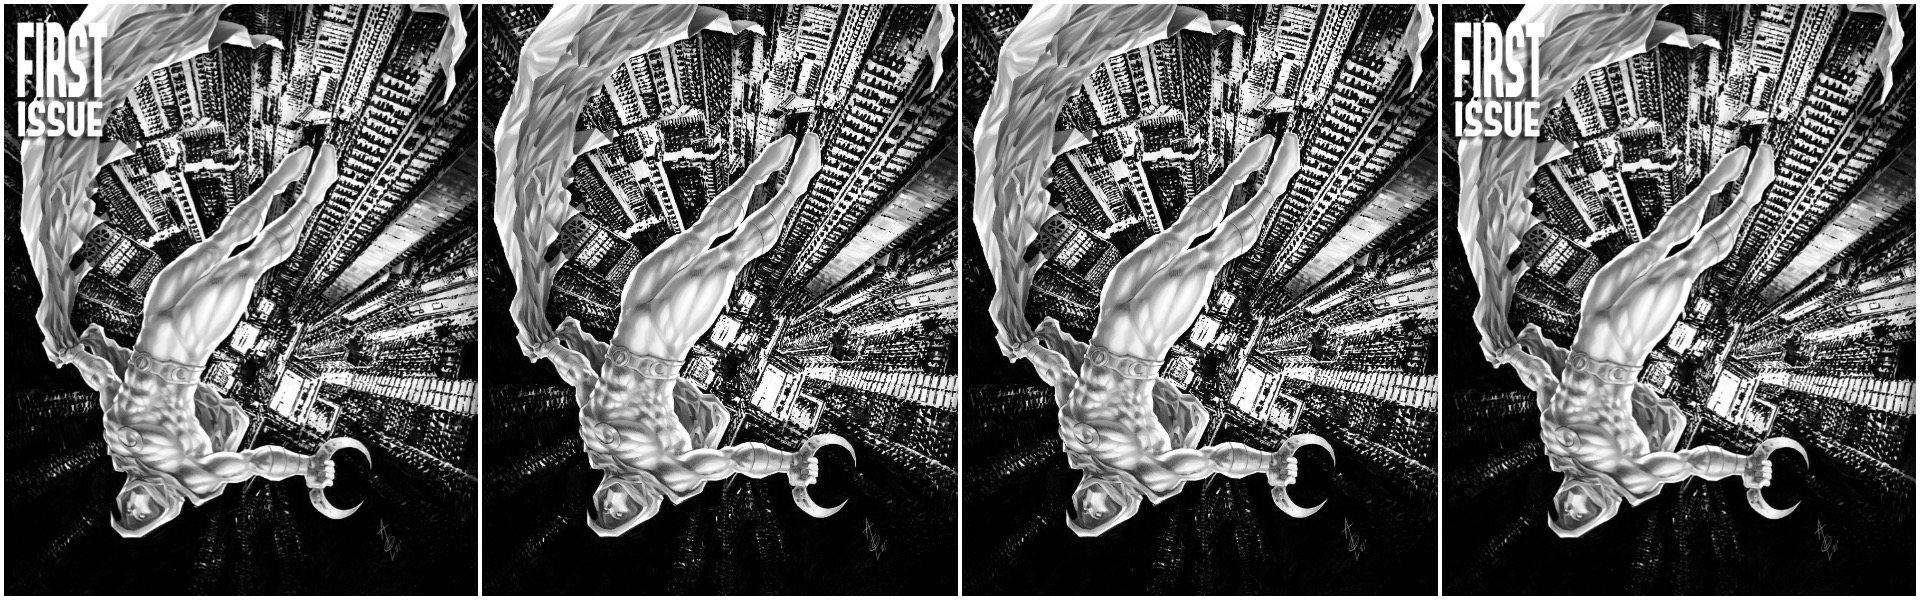 Moon Knight #1 Alan Quah Variants